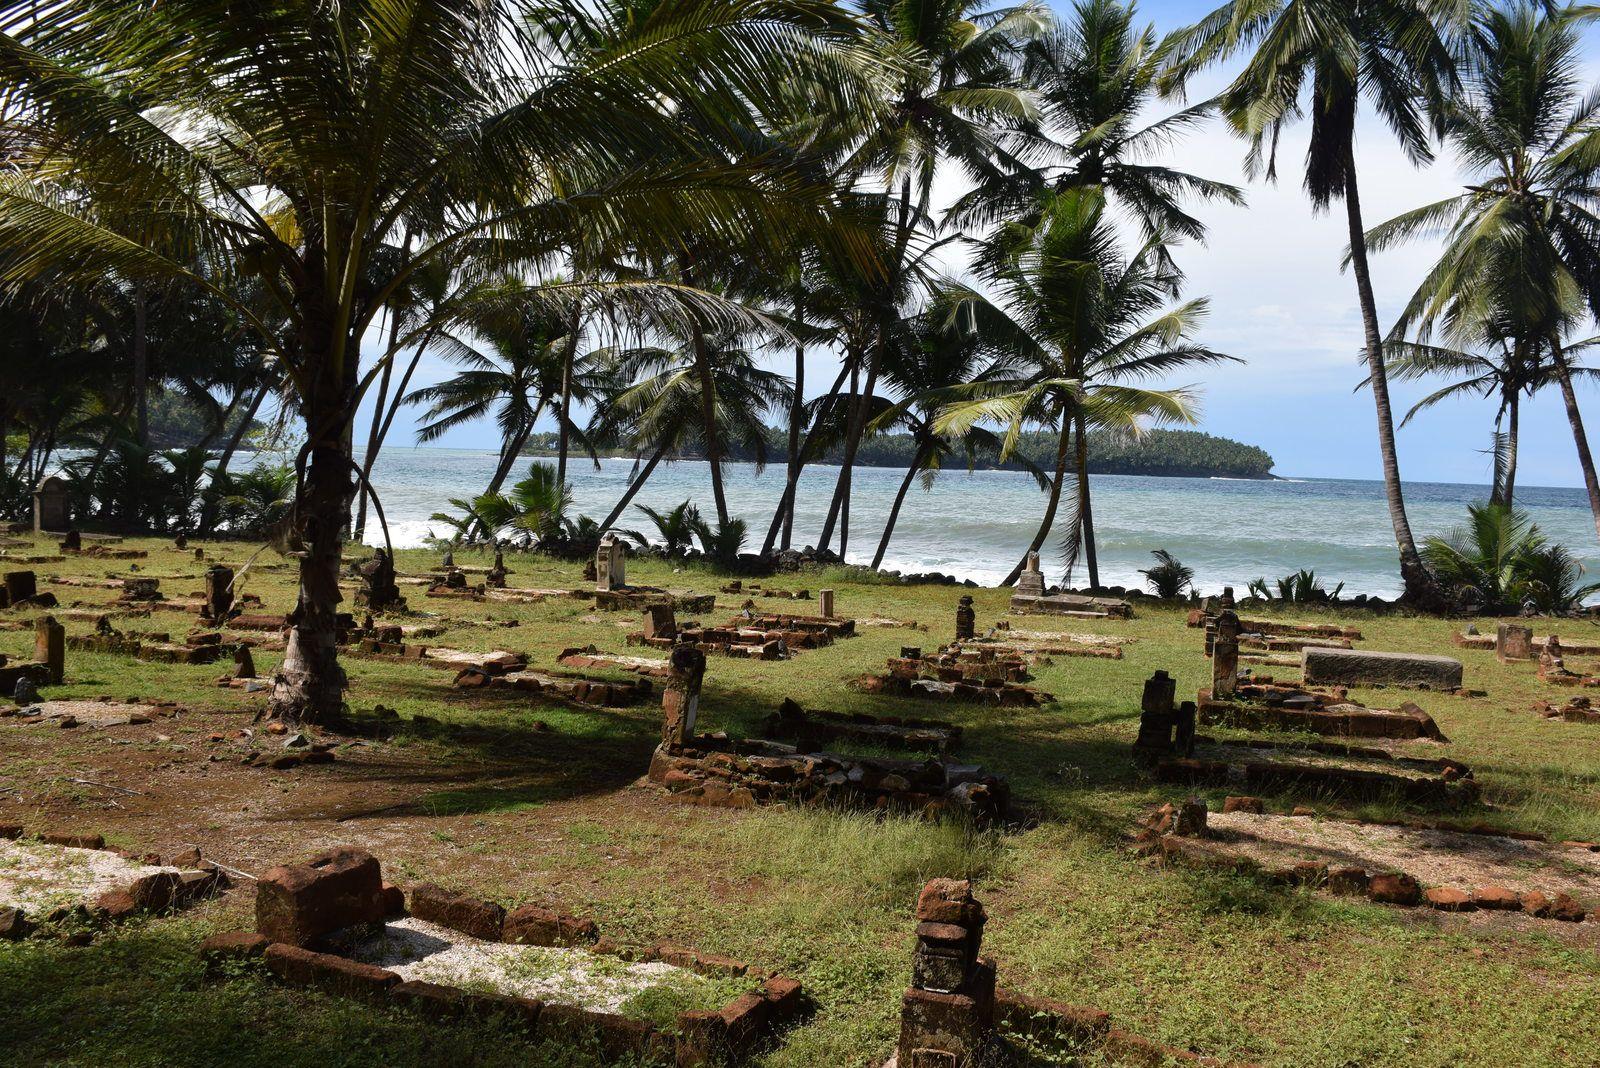 Guyane - Les Iles du Salut - Le bagne de Saint-Joseph - Photos Lankaart (c)